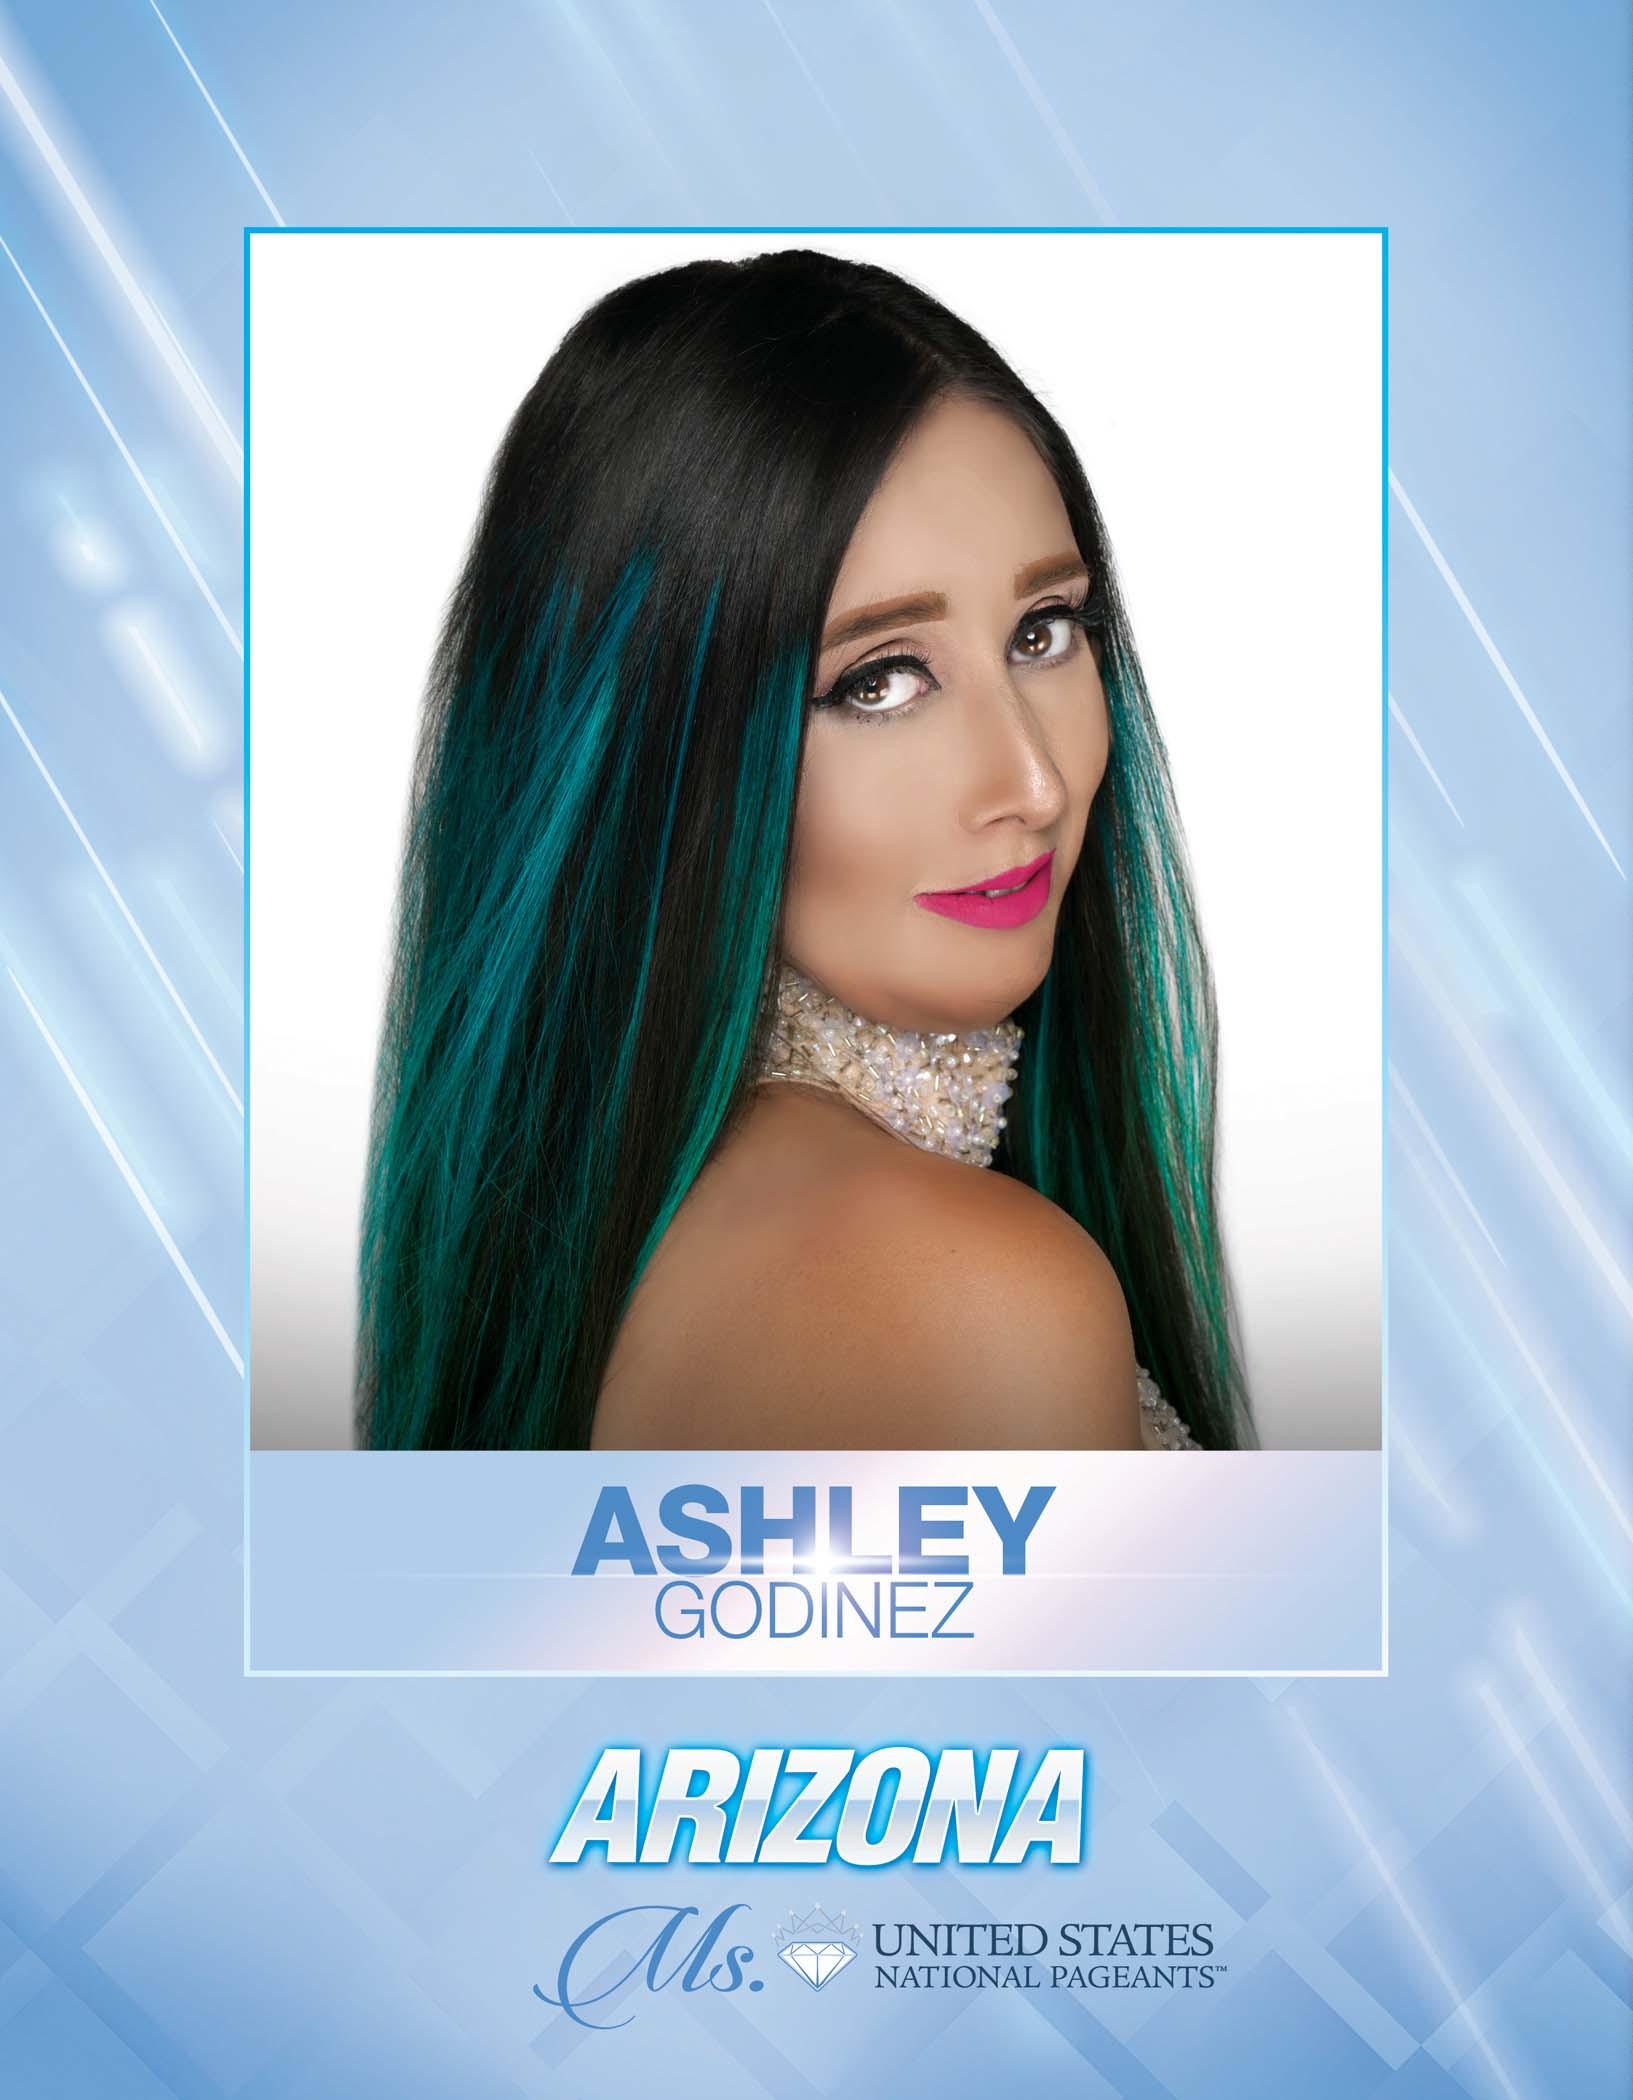 Ashley Godinez Ms. Arizona United States - 2021